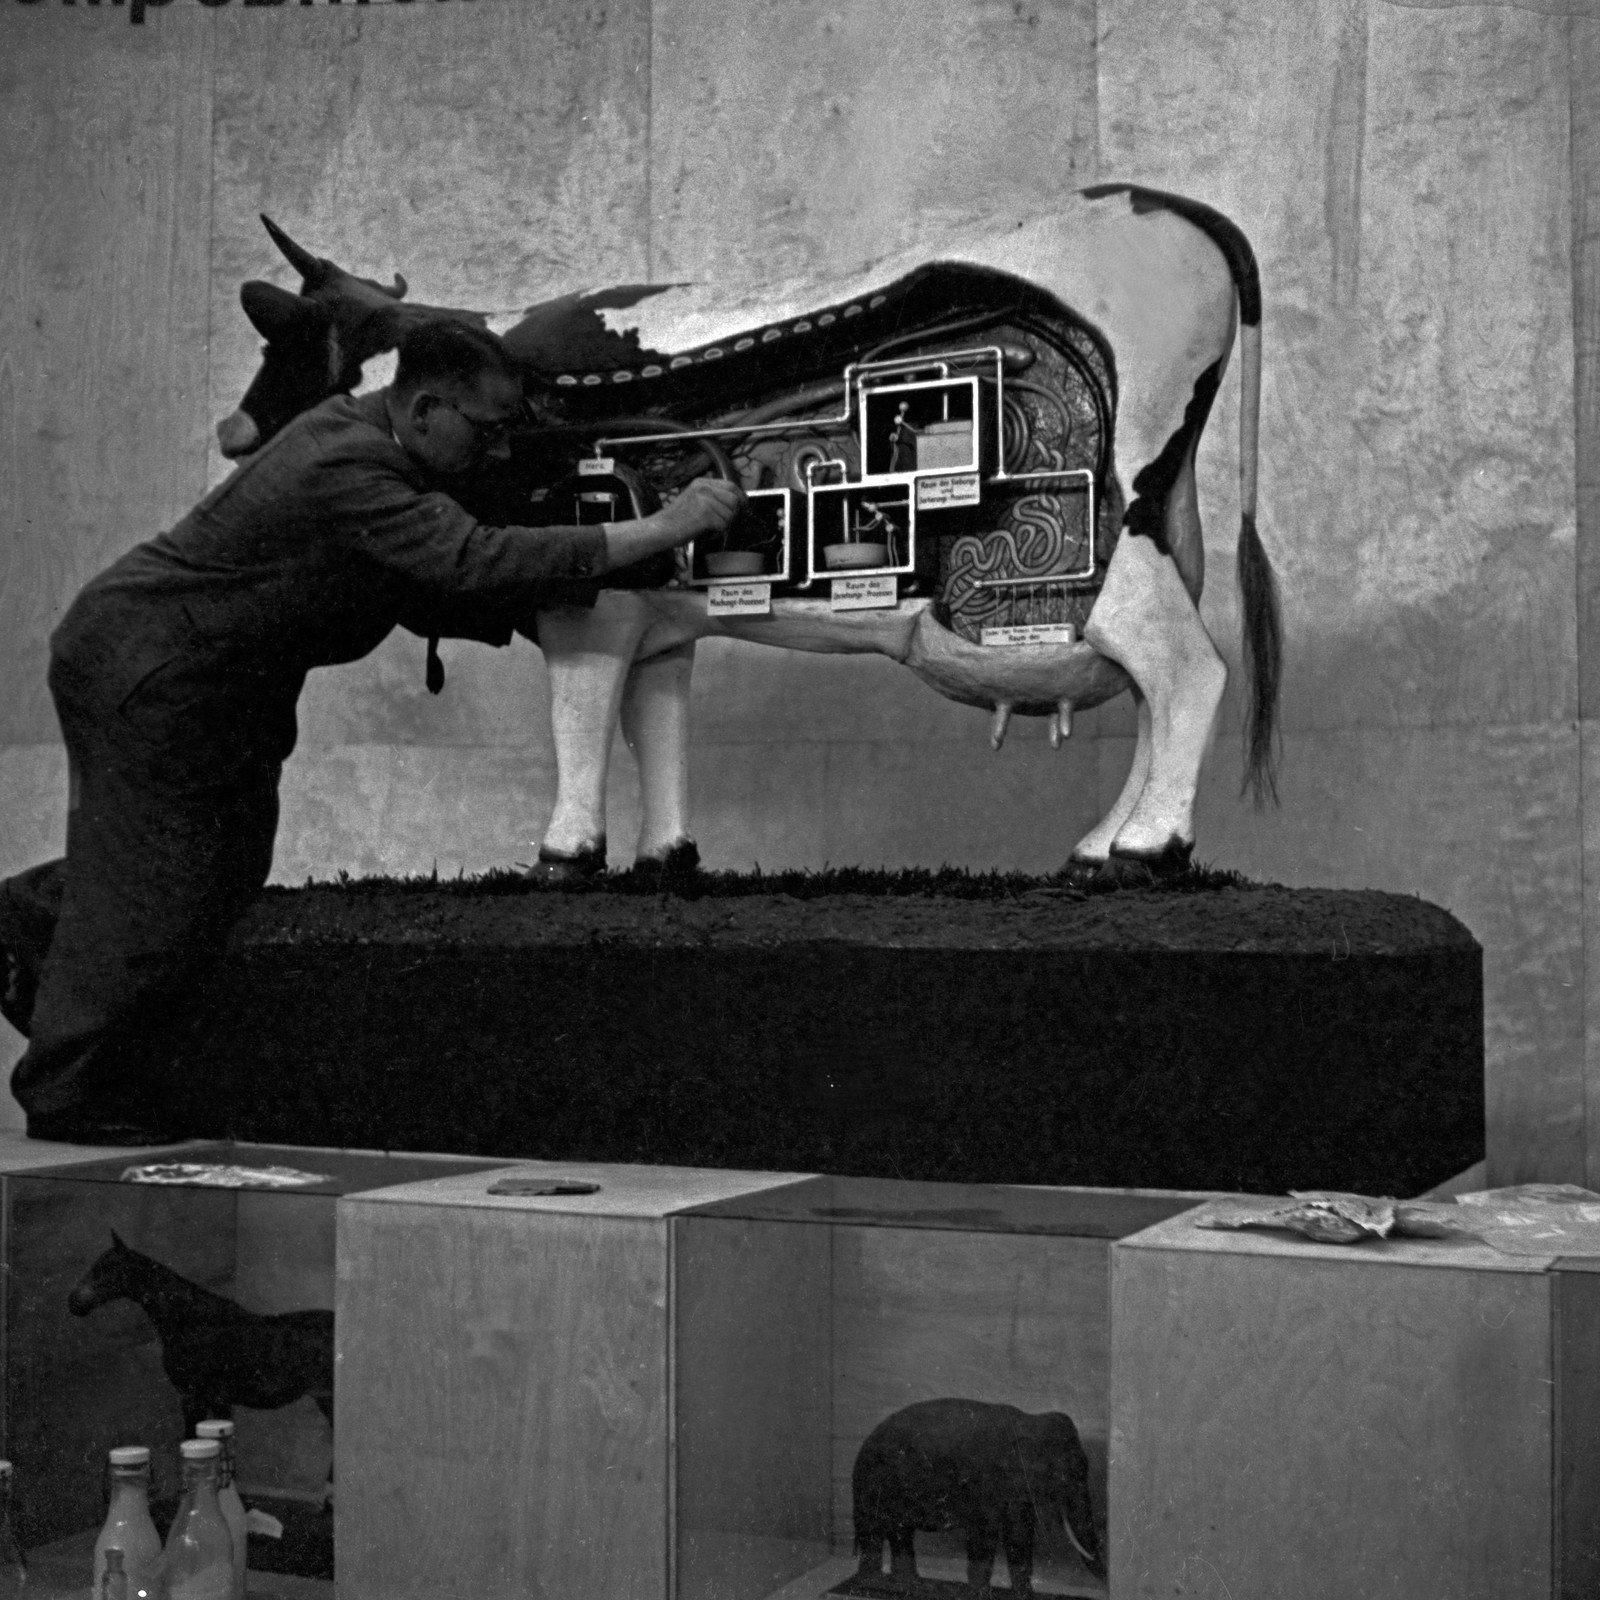 The 'Internationale Milchwirtschaftliche Ausstellung' in Berlin, 1937, Heinz Pollmann, United Archives, In Copyright